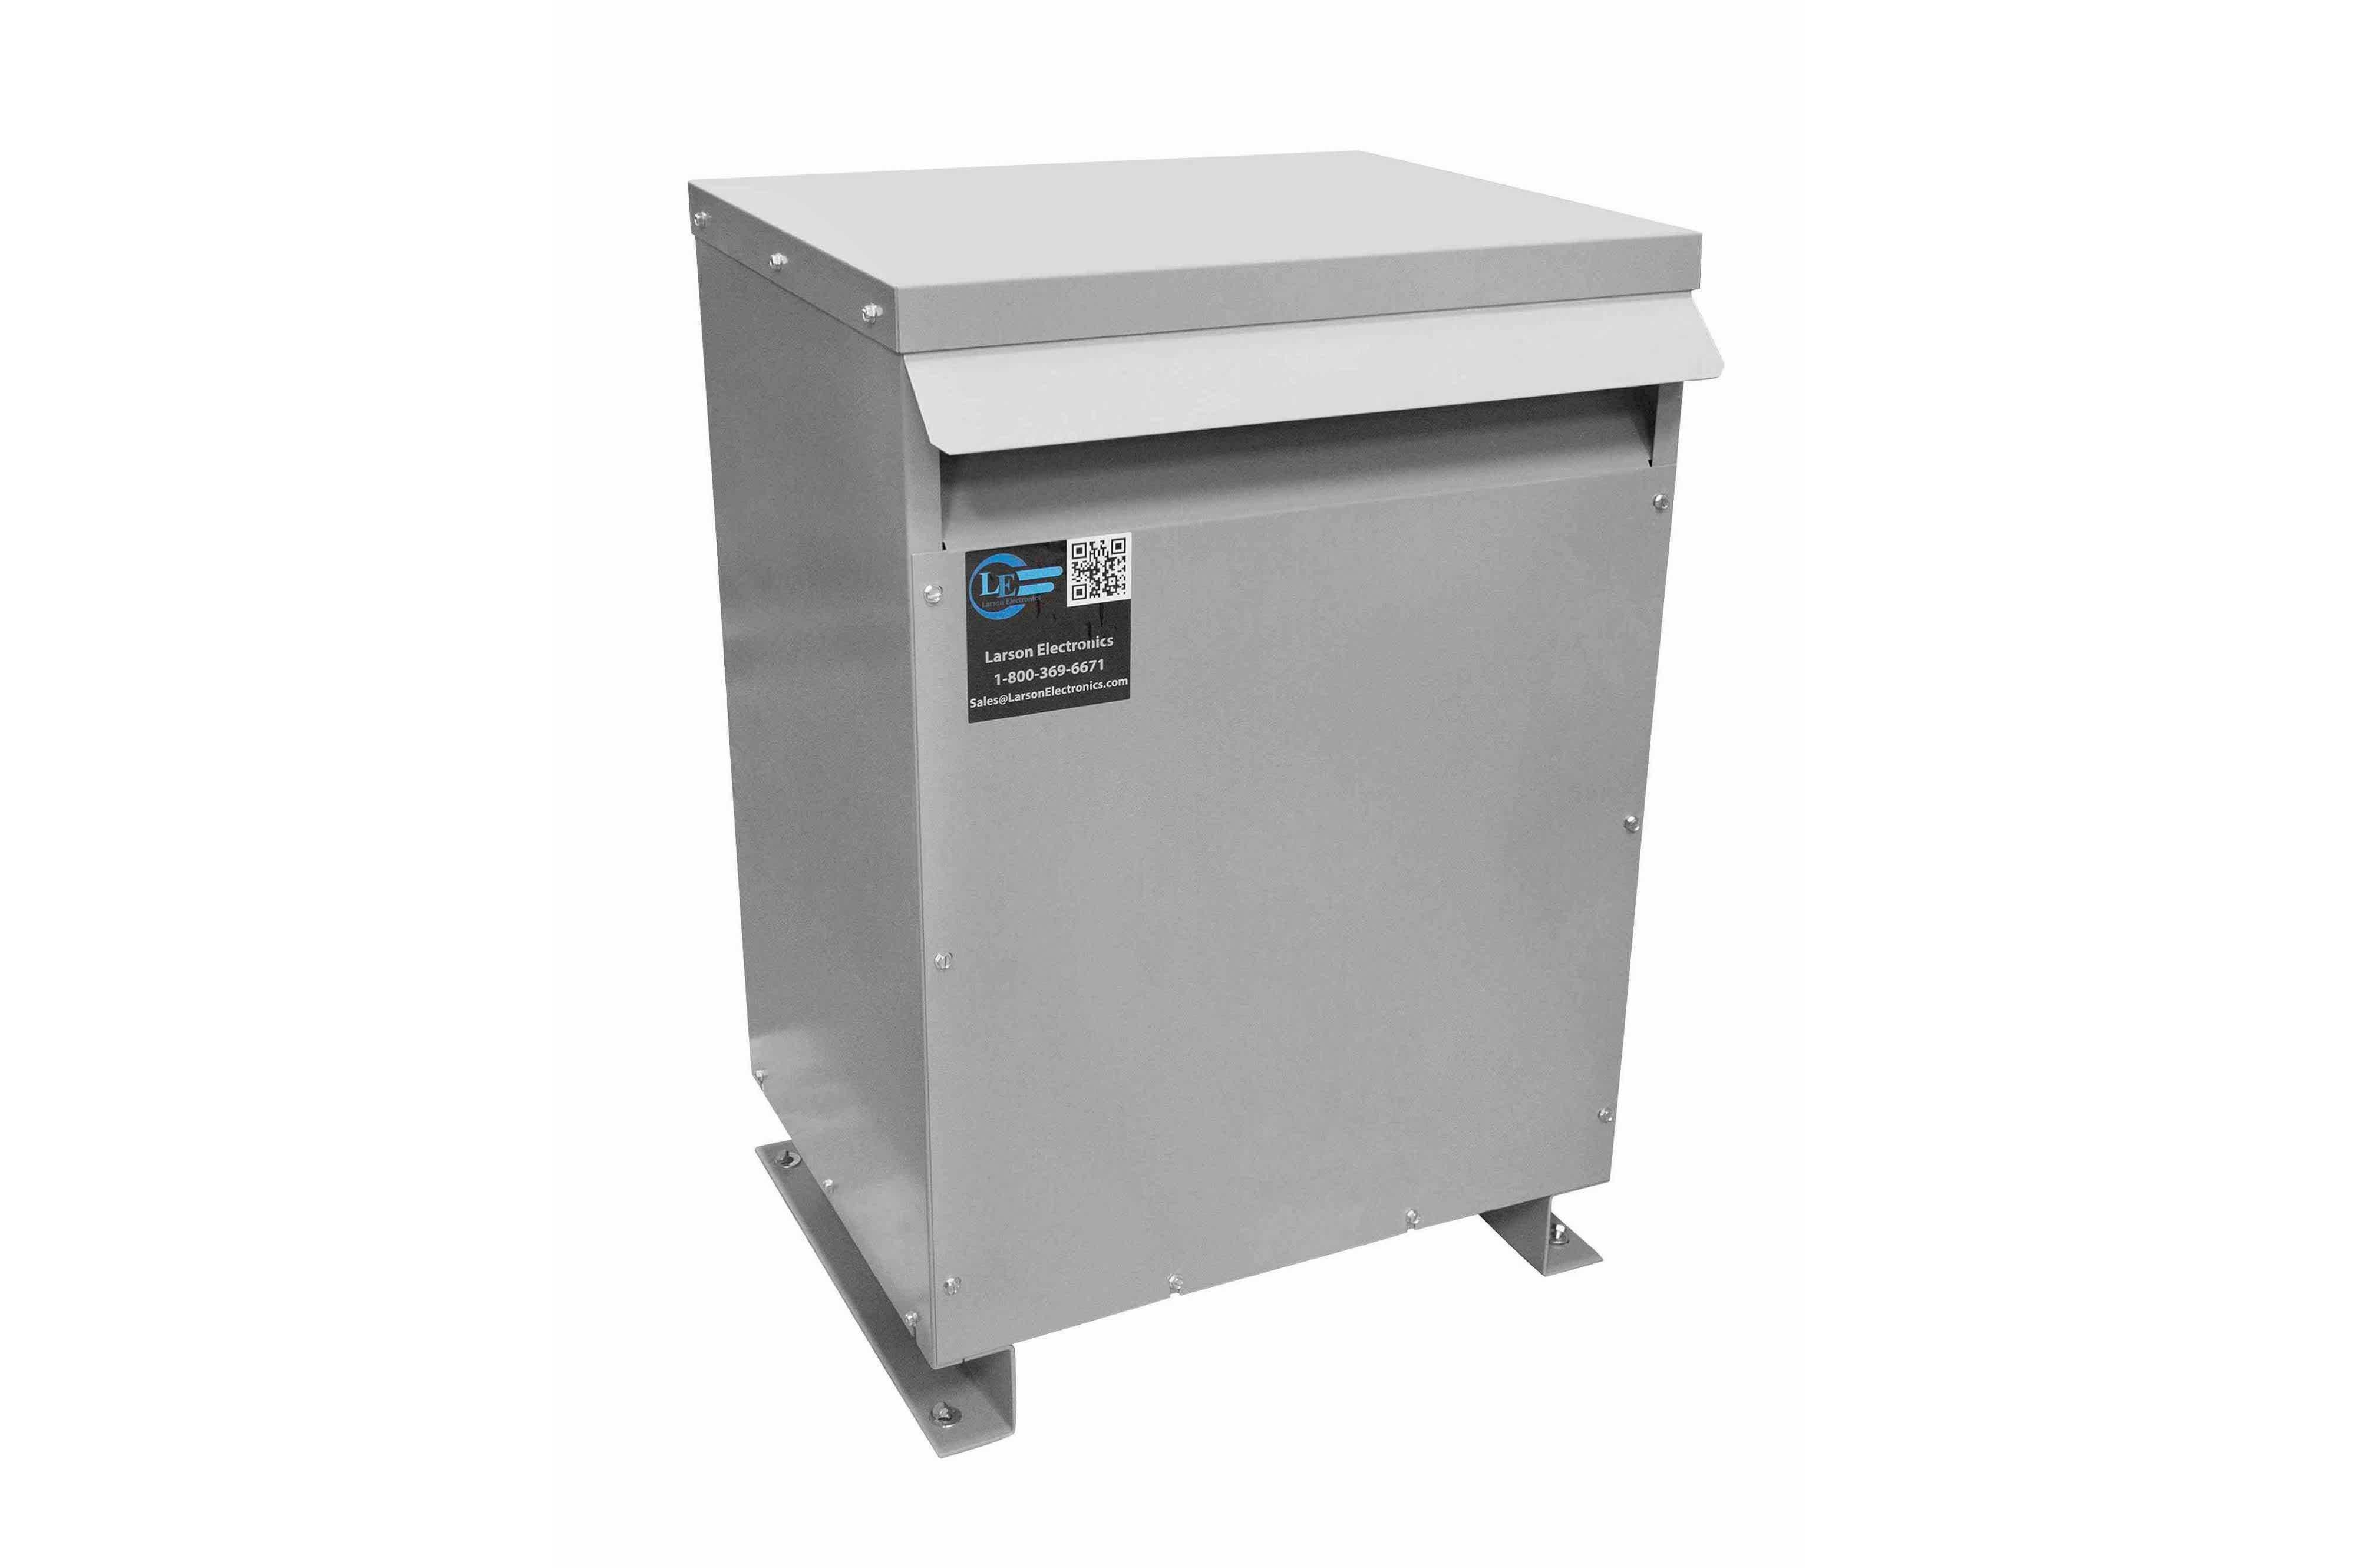 50 kVA 3PH Isolation Transformer, 575V Delta Primary, 240 Delta Secondary, N3R, Ventilated, 60 Hz